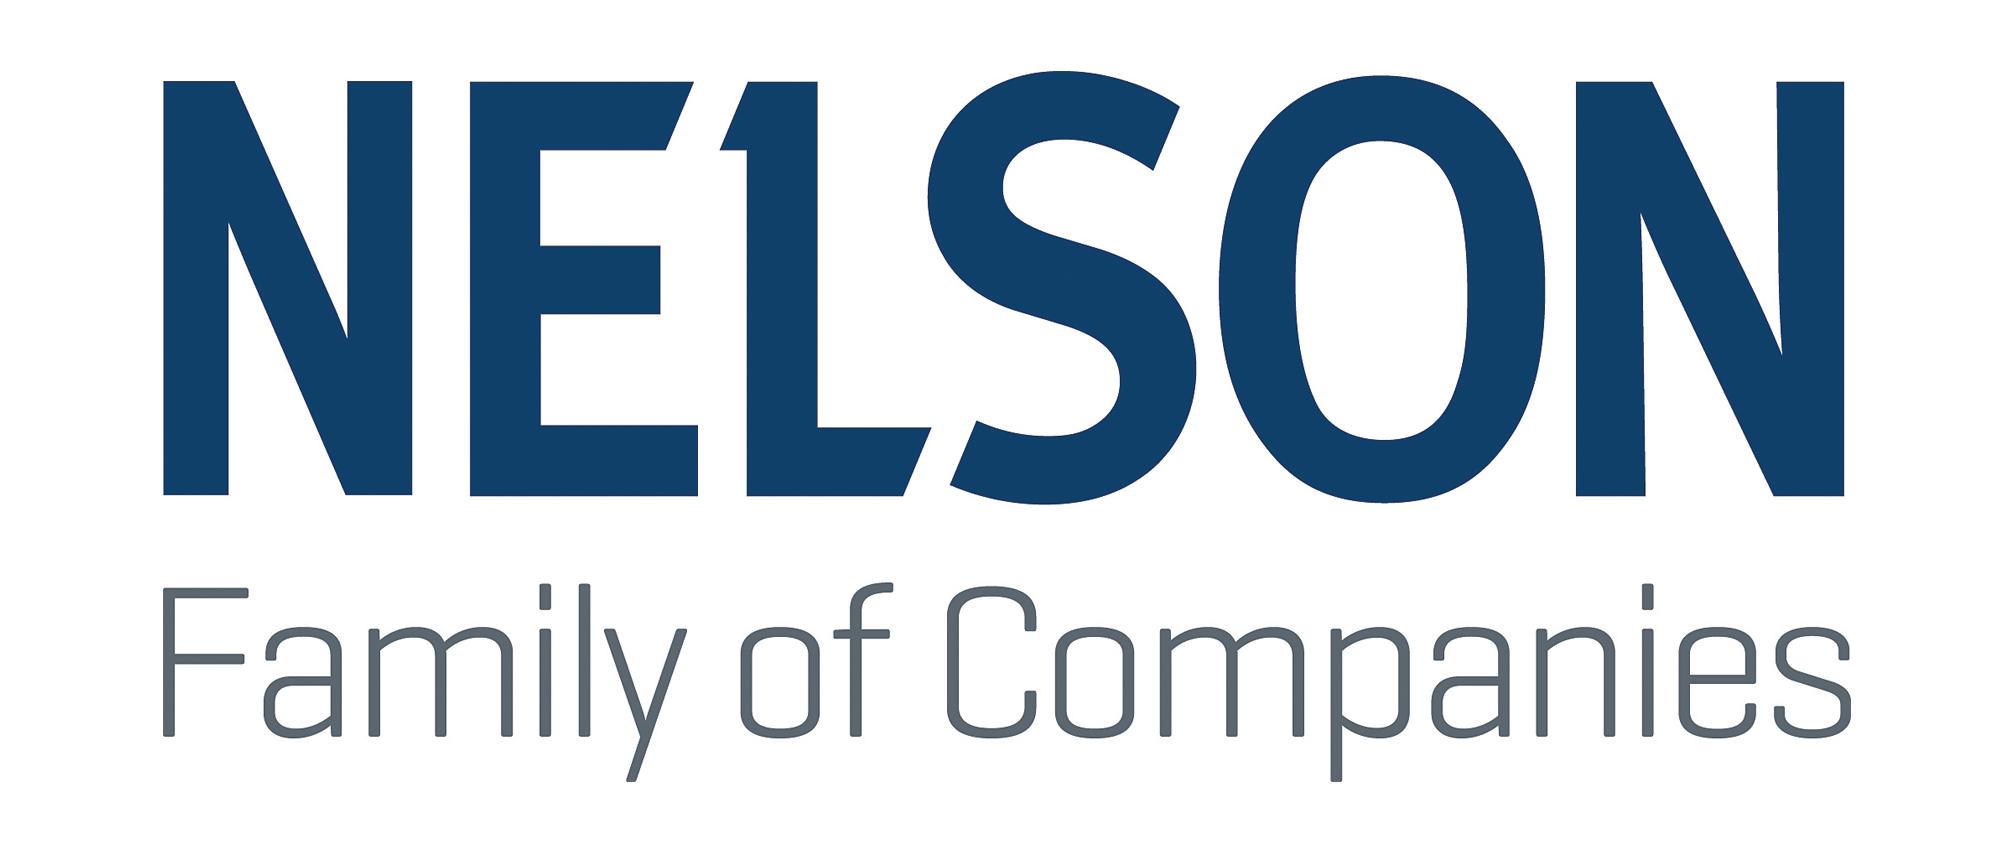 NelsonTagline-FamilyofCompanies